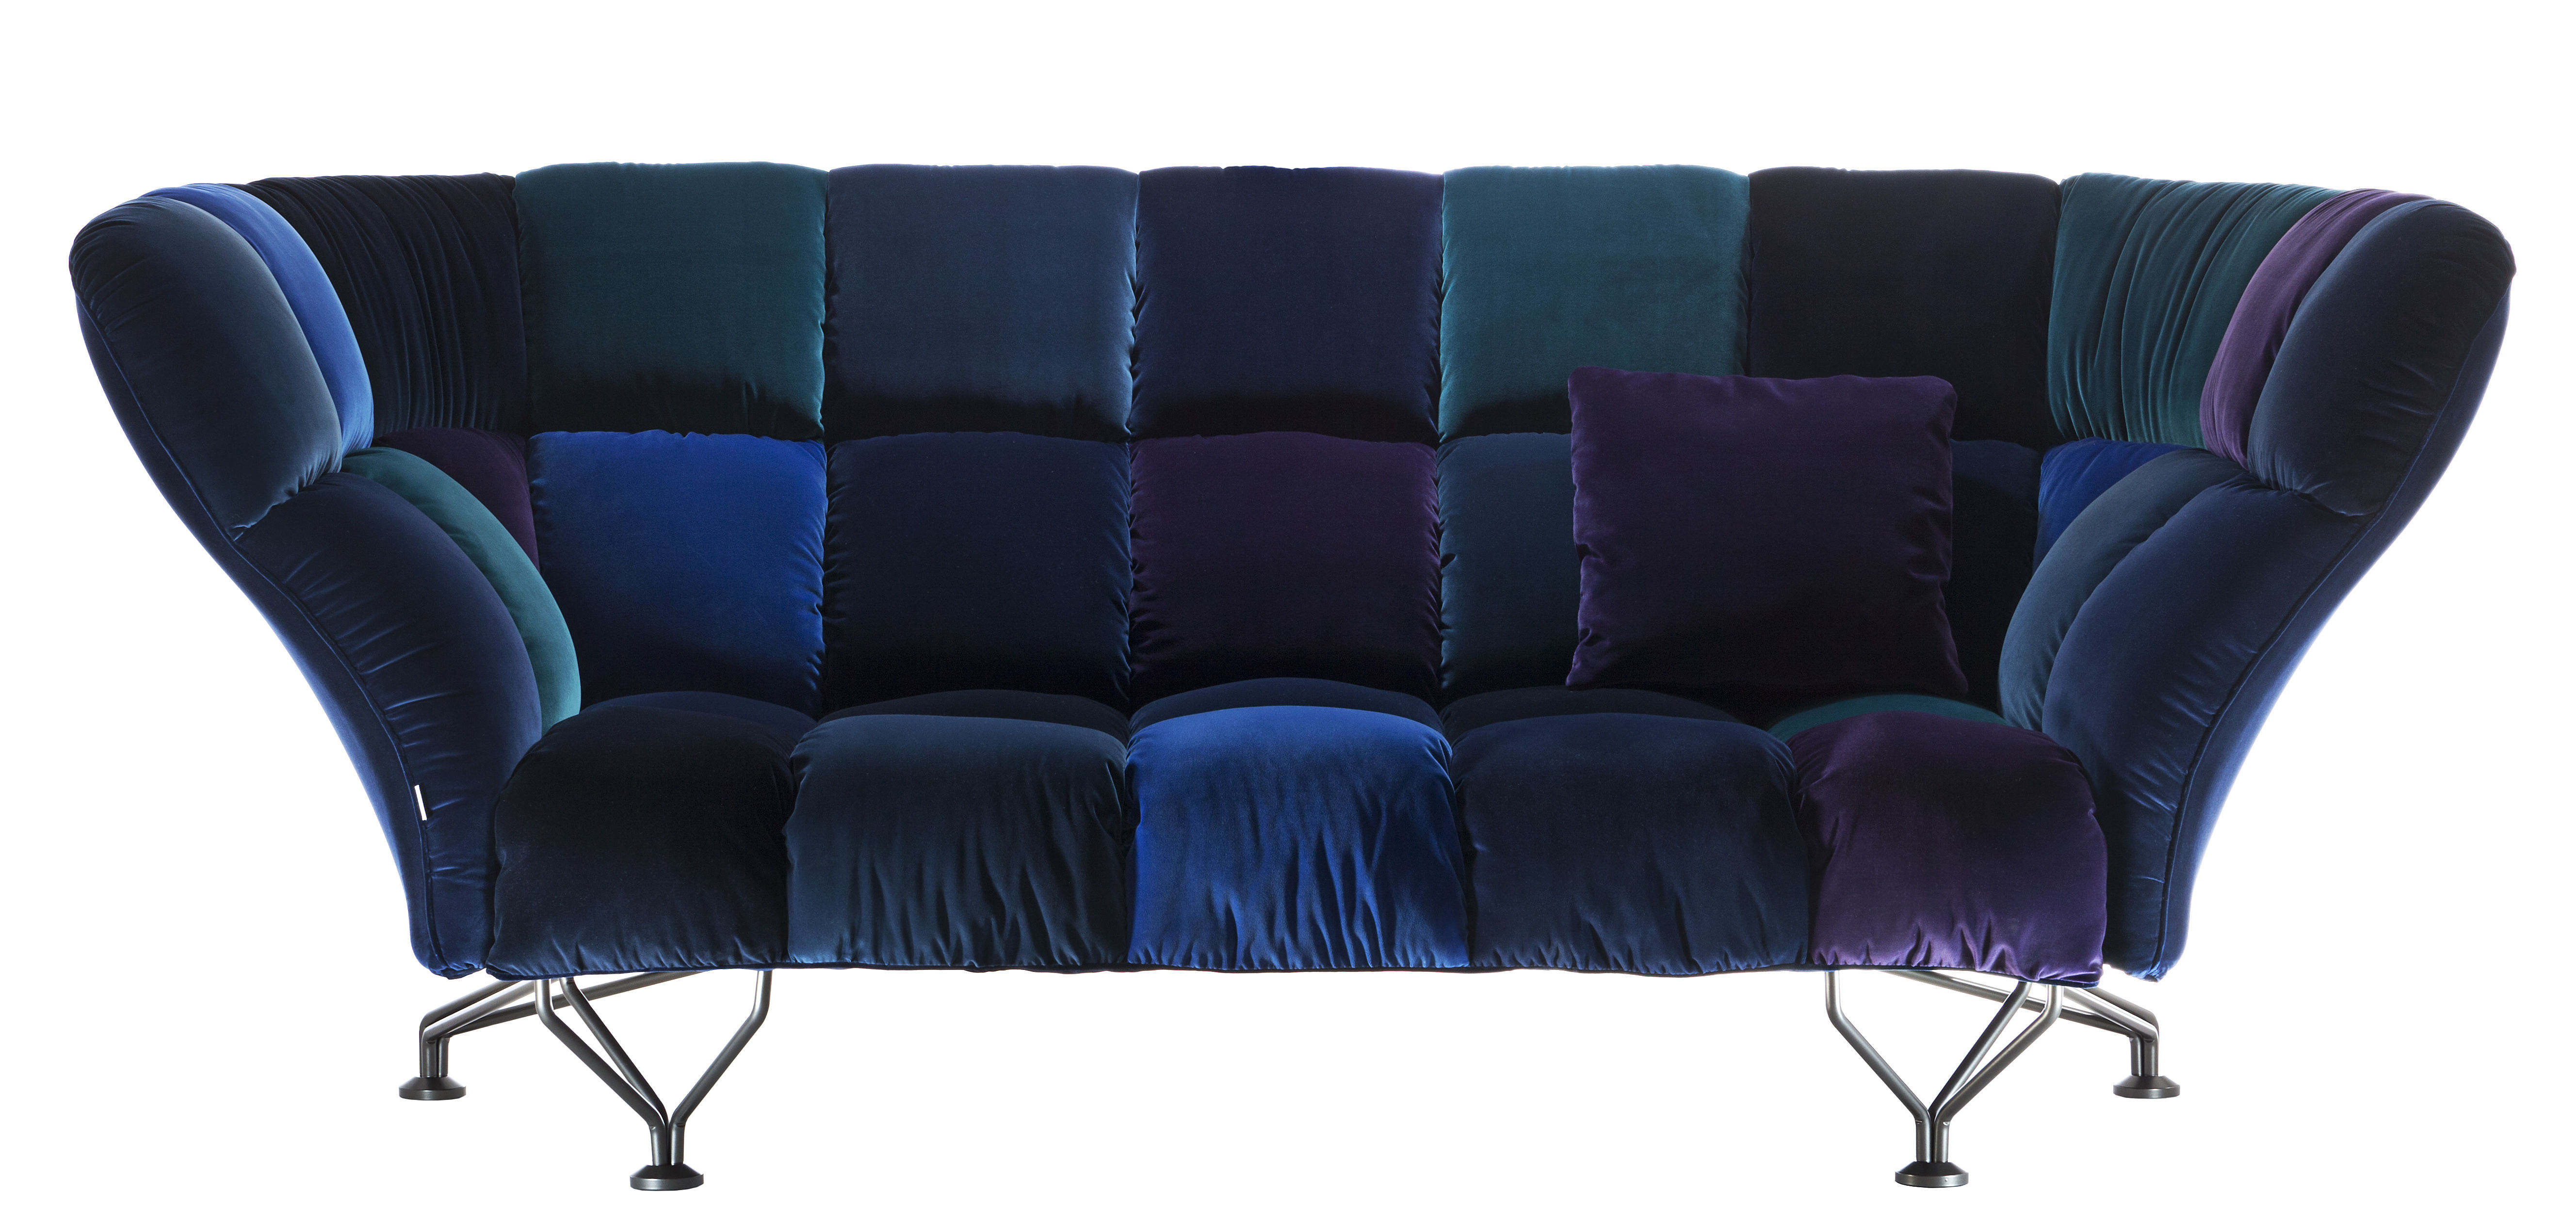 33 cuscini divano destro 3 posti l 235 cm blu by driade made in design - Cuscini divano design ...